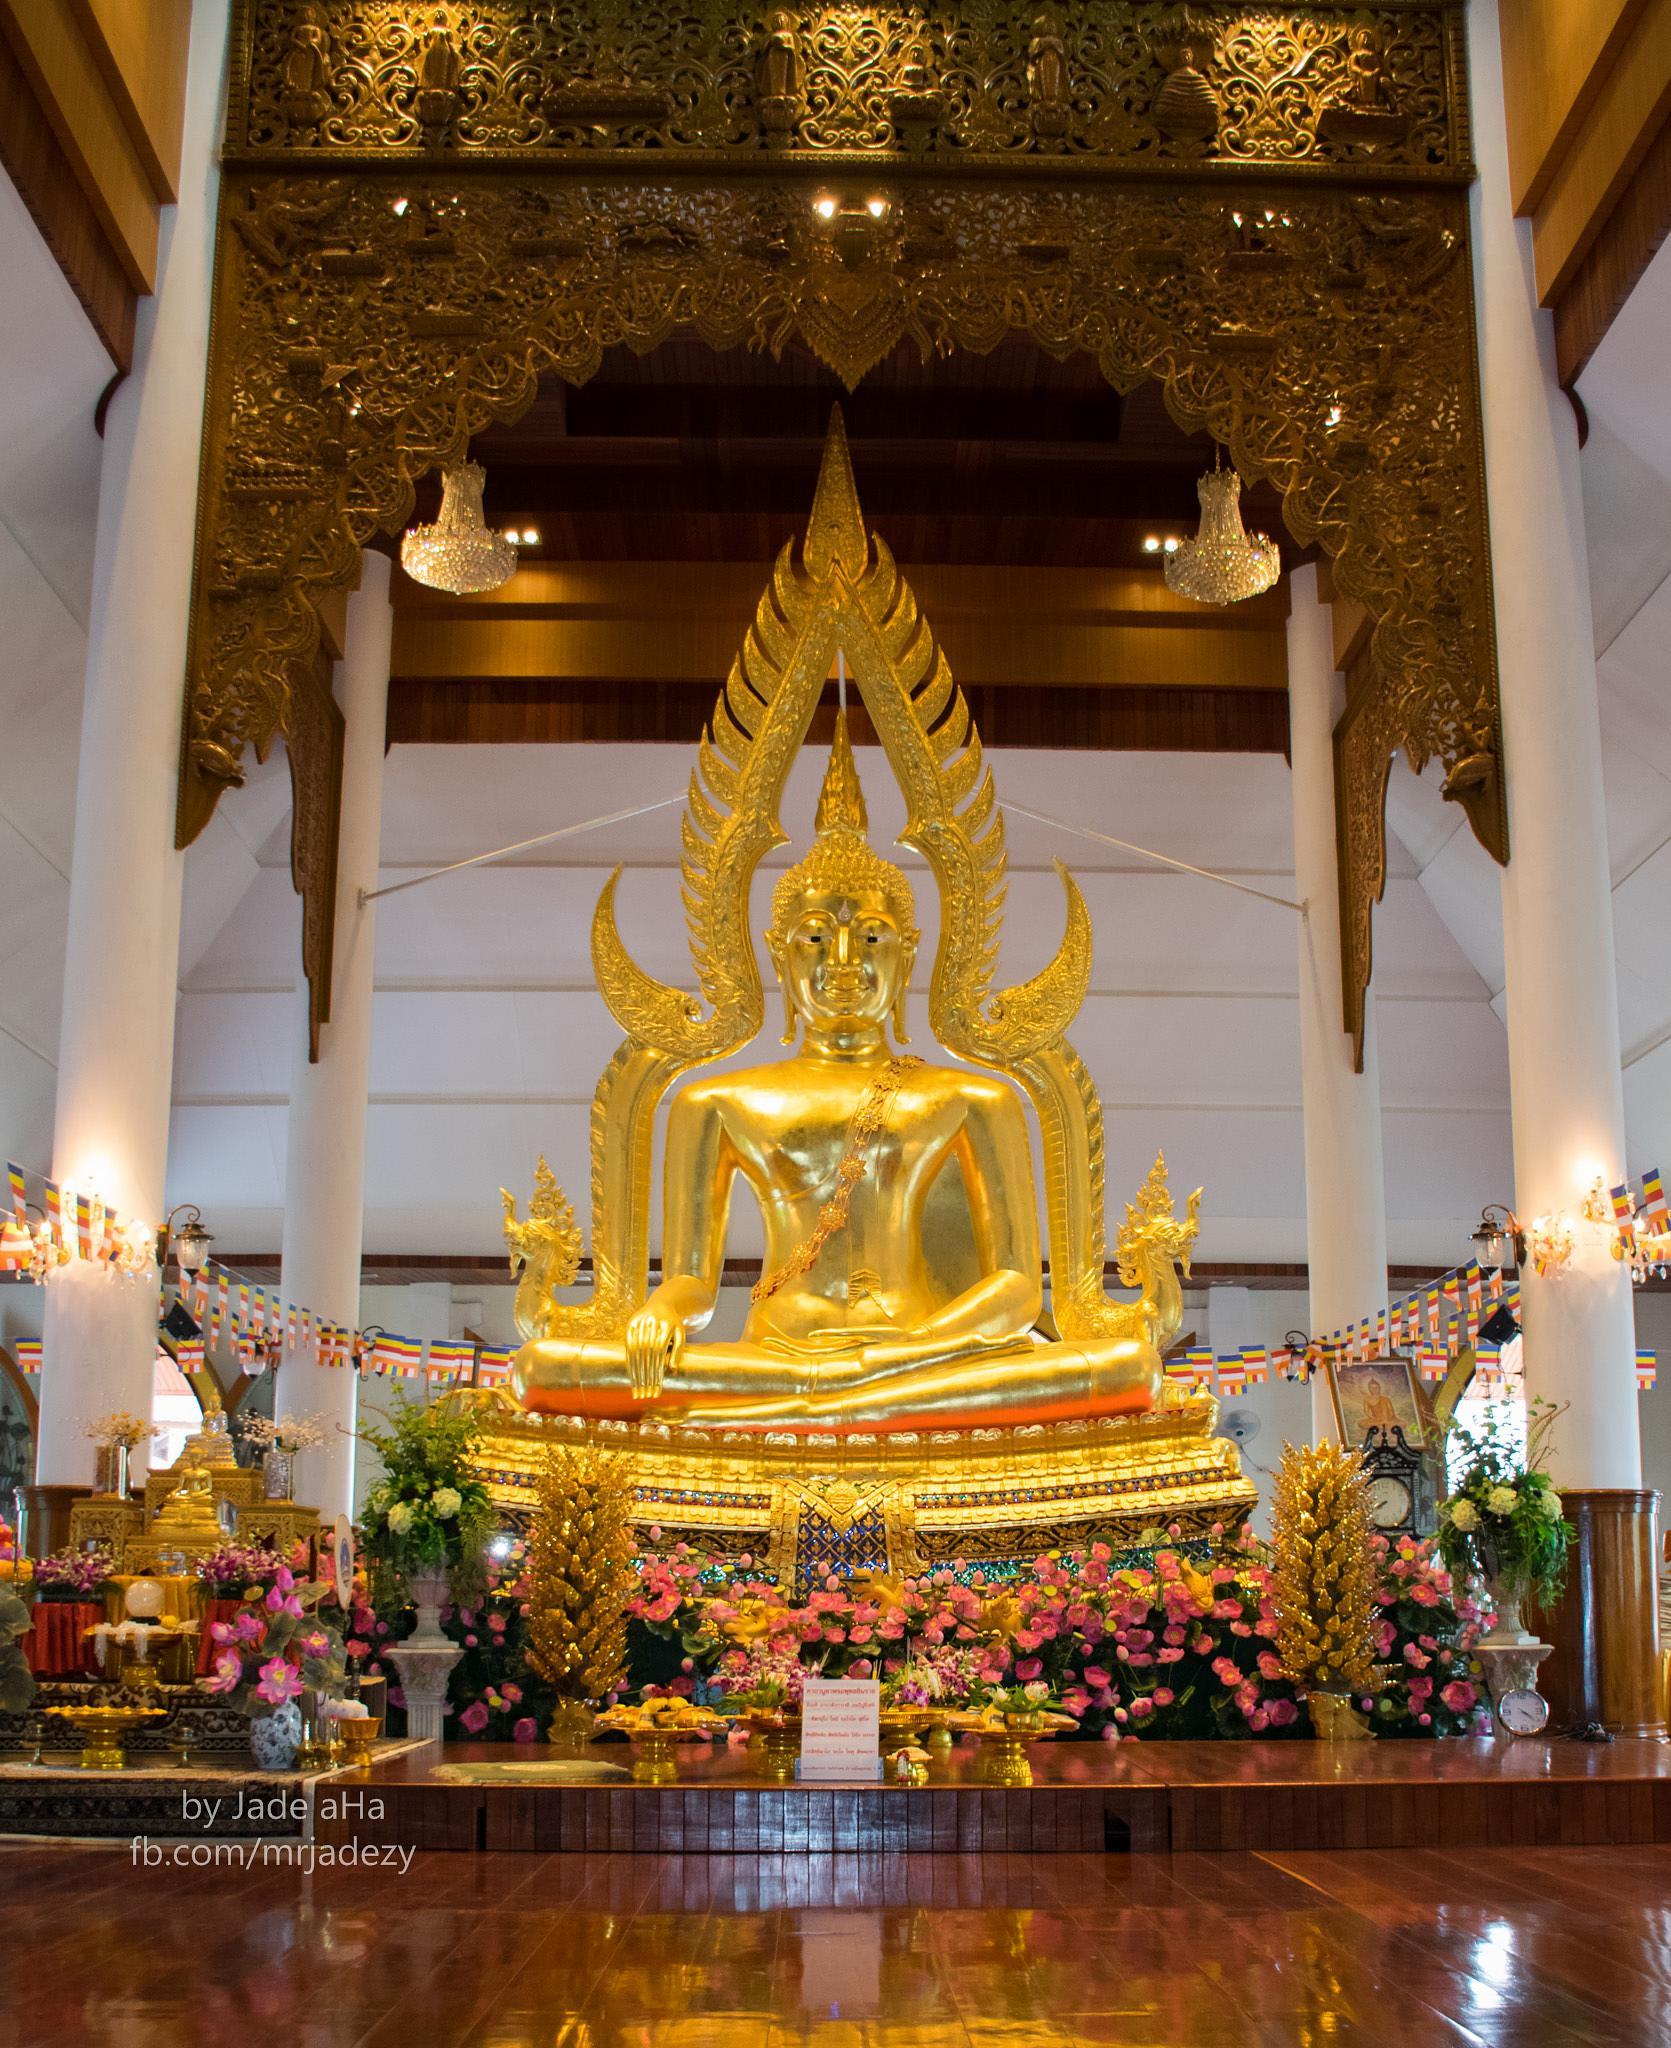 Buddha Days by Jade aHa